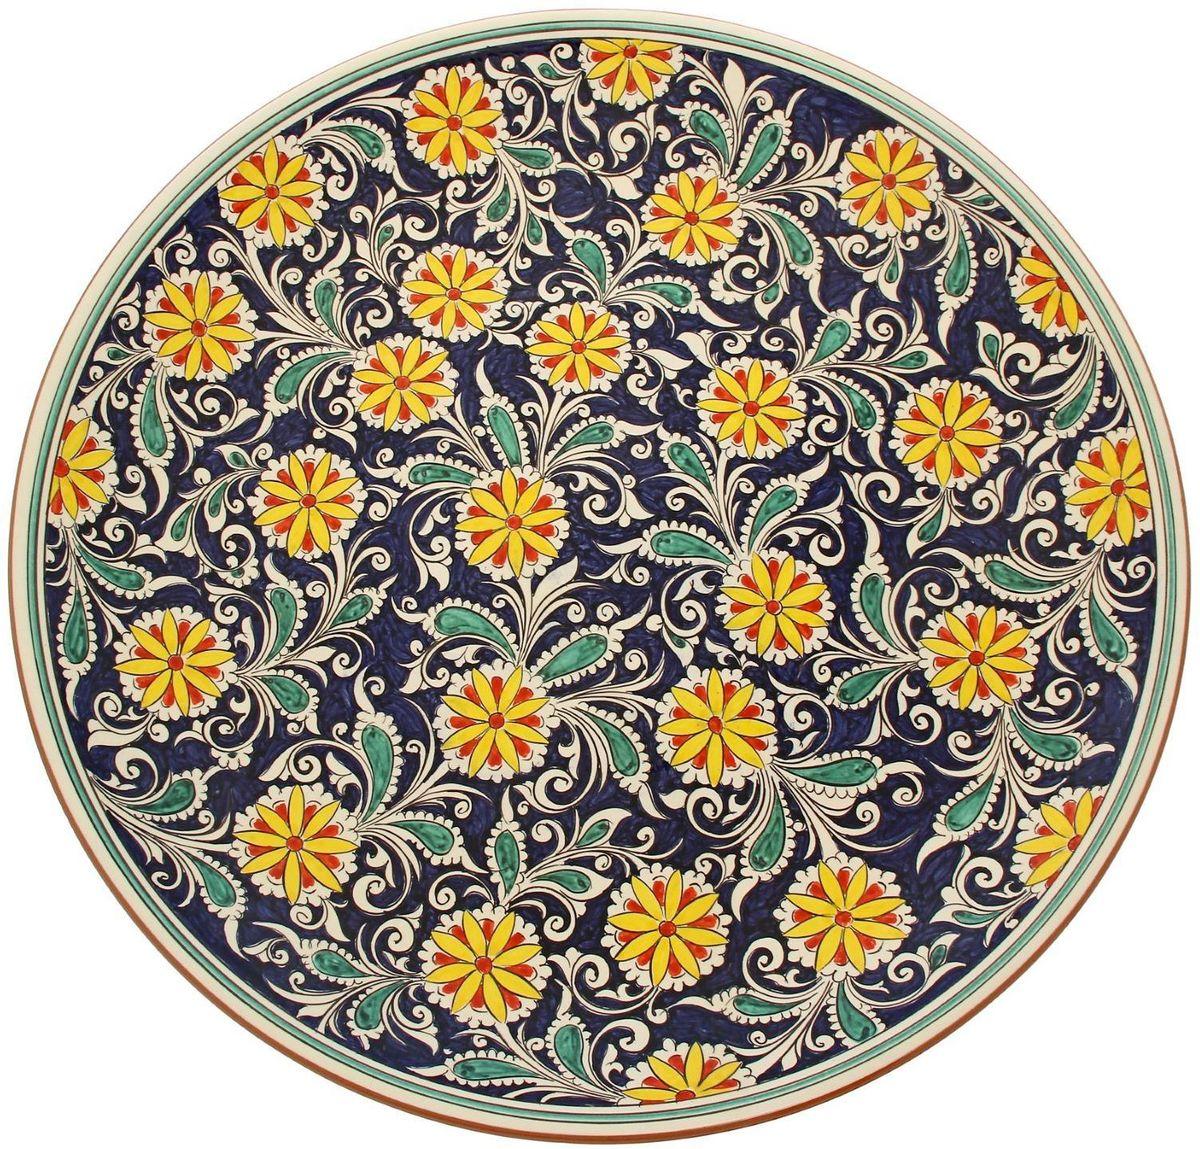 Ляган Риштанская керамика, диаметр 55 см. 19234781923478Ляган, выполненный из высококачественной керамики, отлично подойдет для подачи плова или фруктов. Такой элемент посуды является предметом национальной узбекской посуды.Ляган отлично подходит как для торжественных случаев, так и для повседневного использования. Он прекрасно оформит стол и станет отличным дополнением к вашей коллекции кухонной посуды.